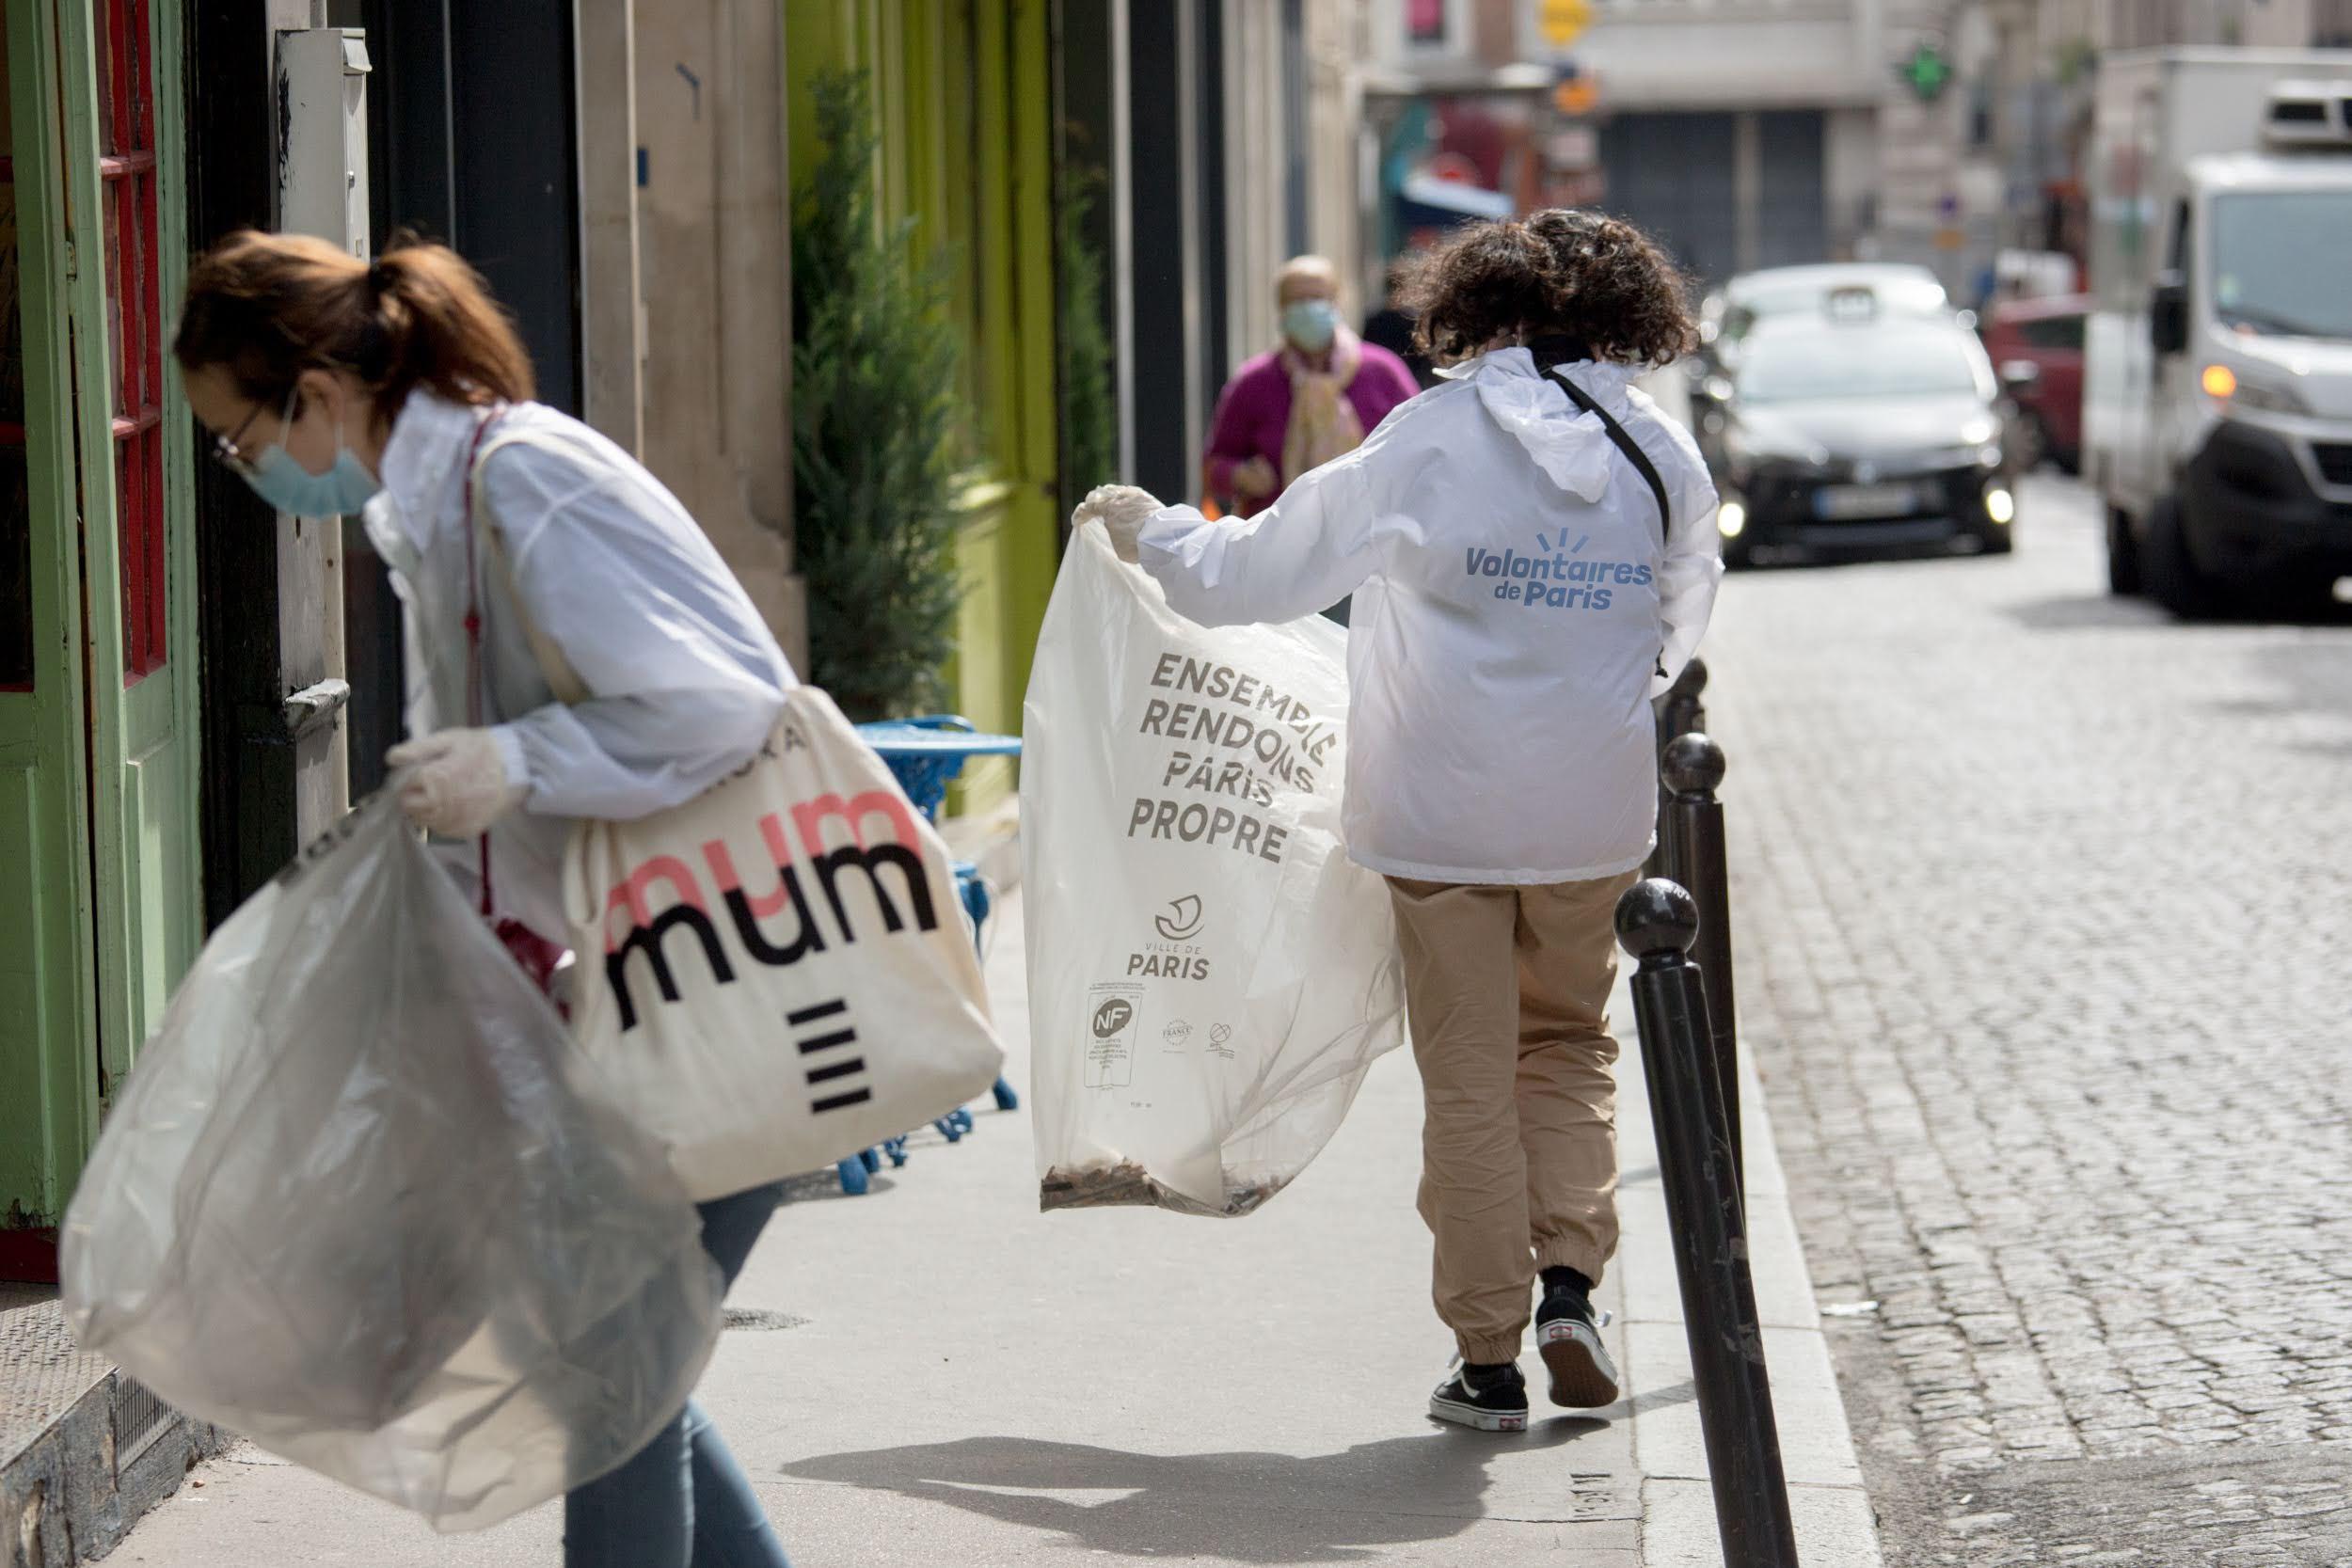 Action ramassage de mégots par les Volontaires de Paris